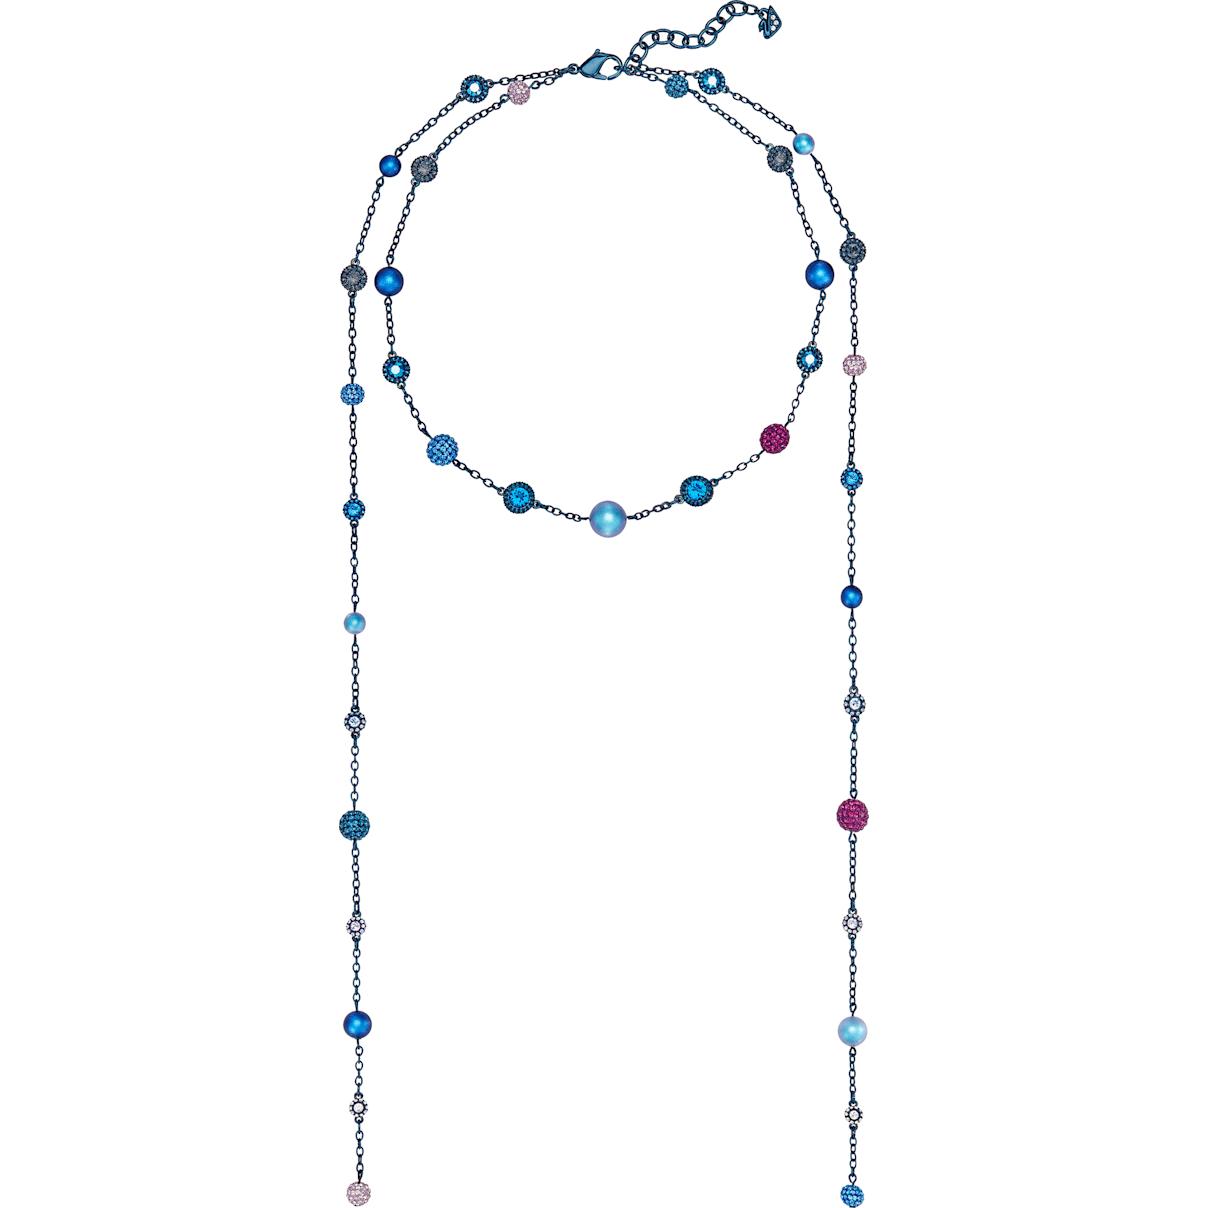 Swarovski Model Strandage, Multi-colored, Blue PVD coating